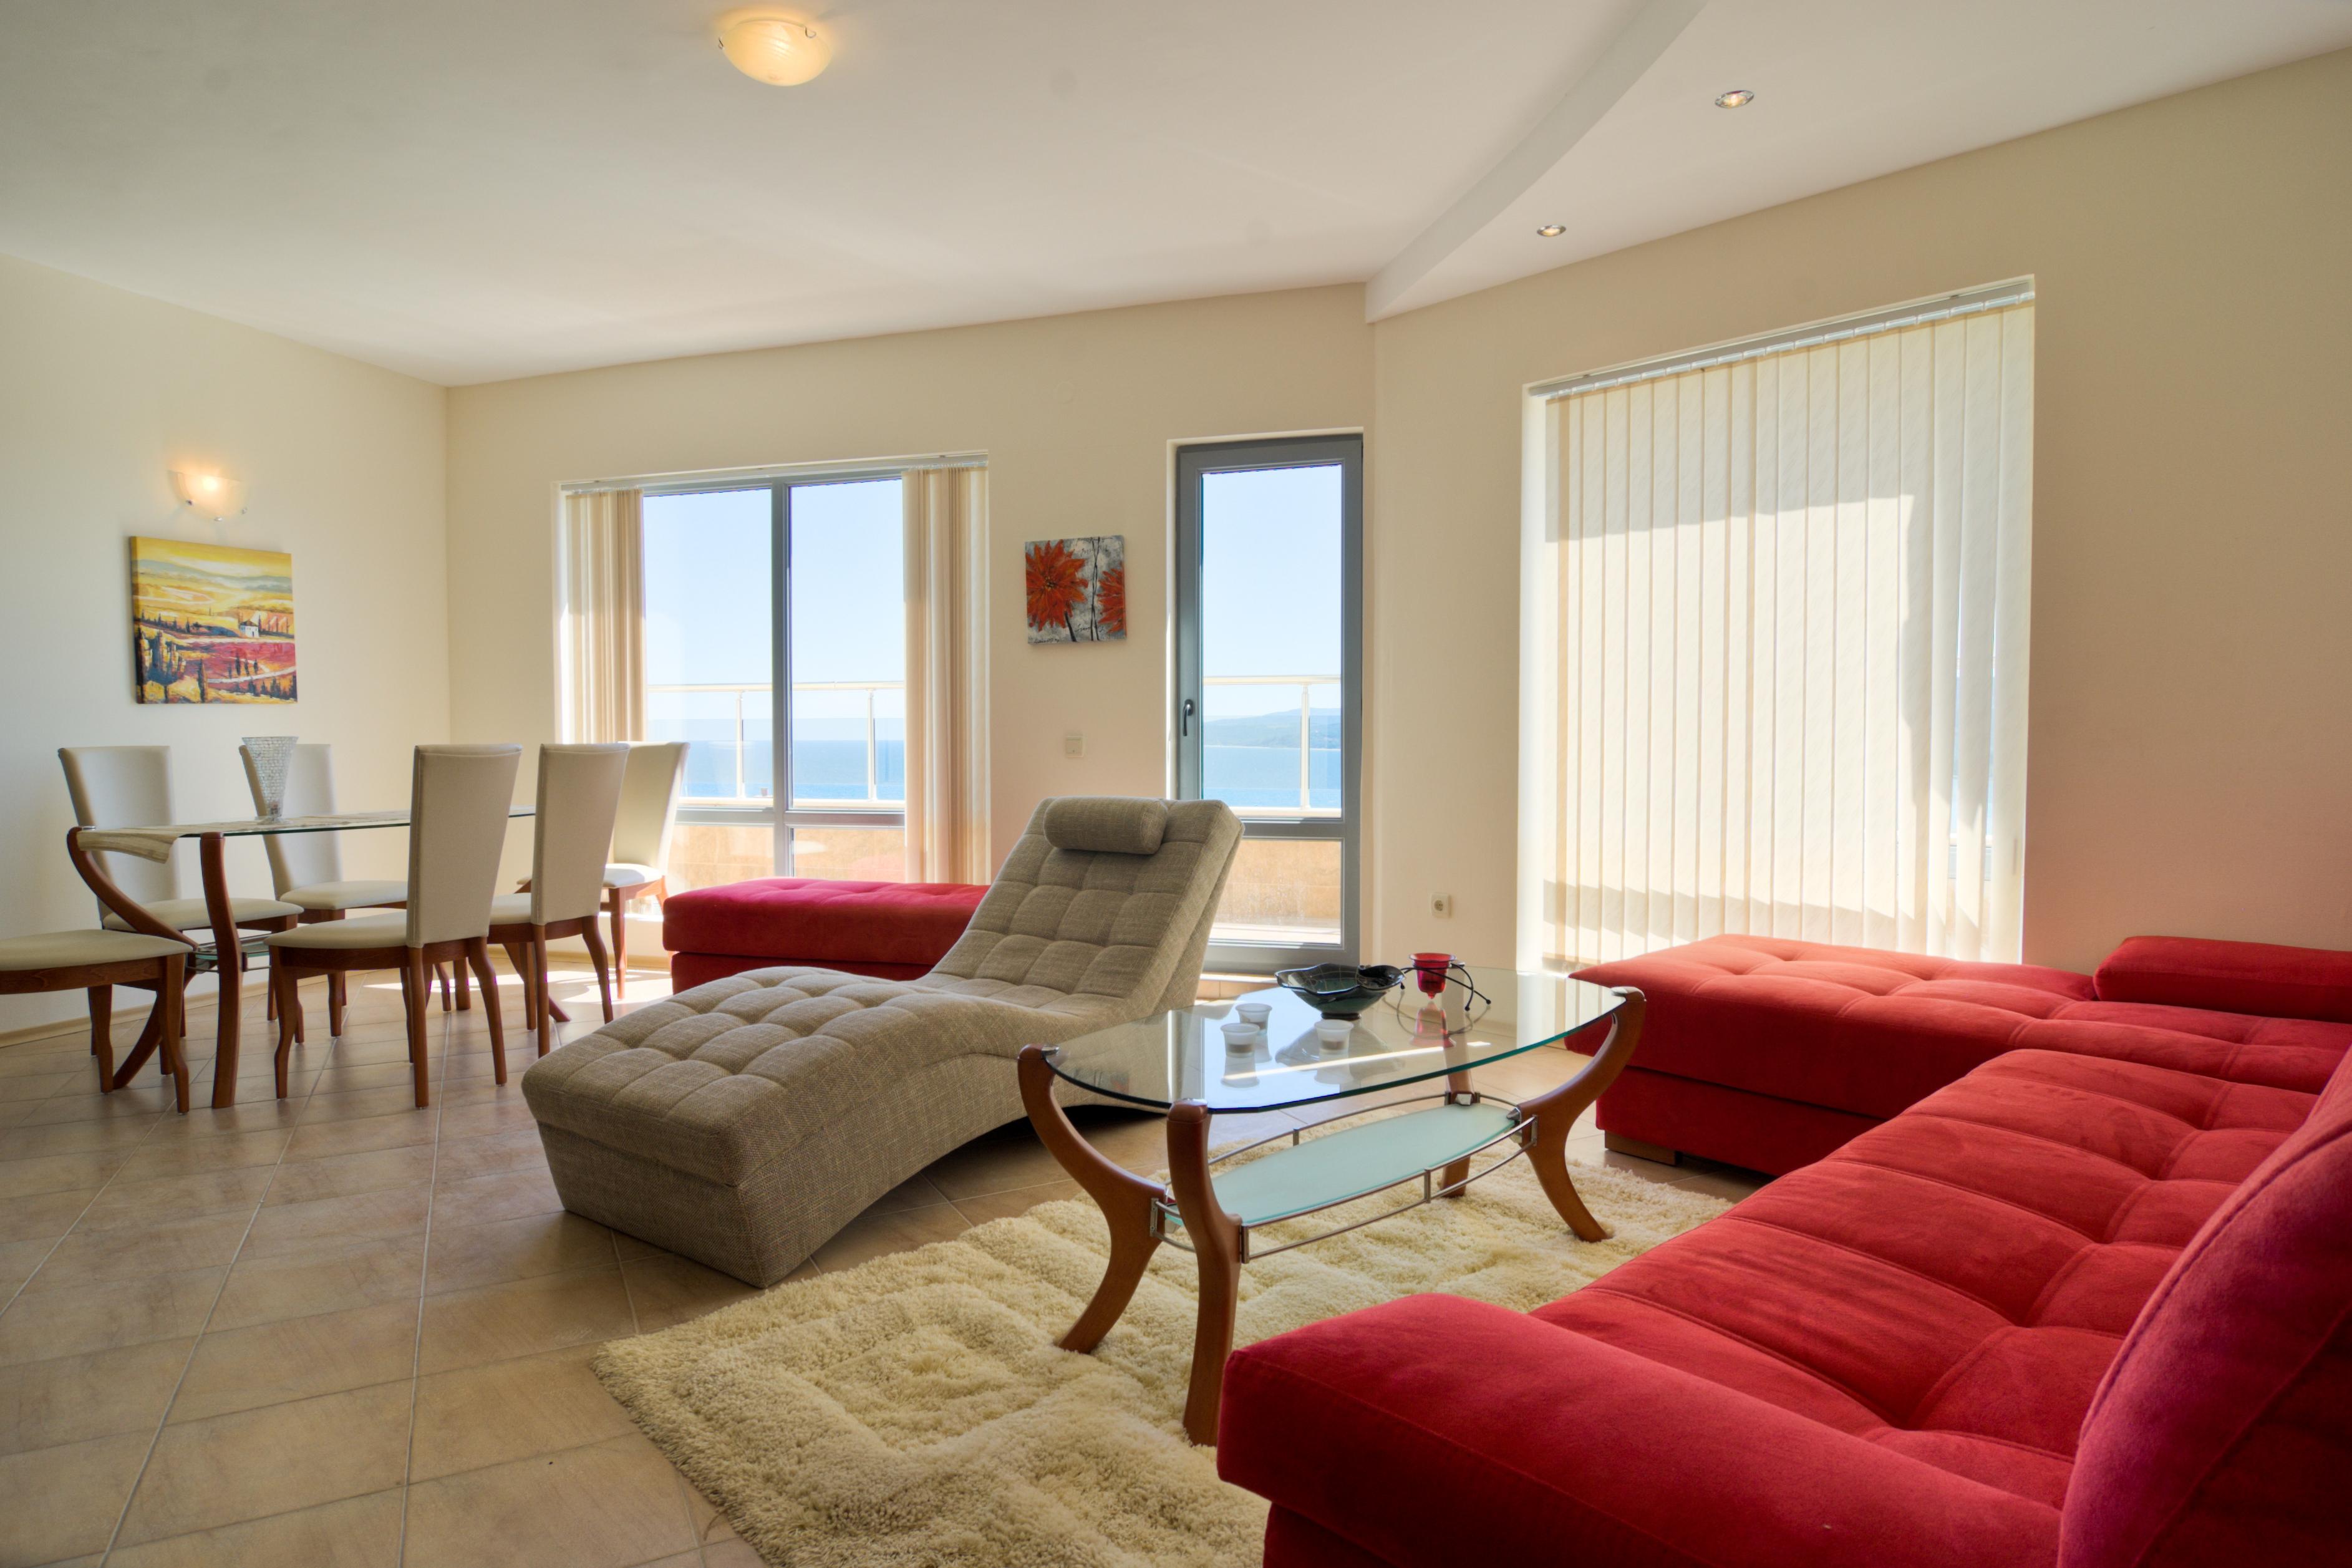 Comment louer sa maison pour les vacances amazing photo for Louer son appartement pendant les vacances